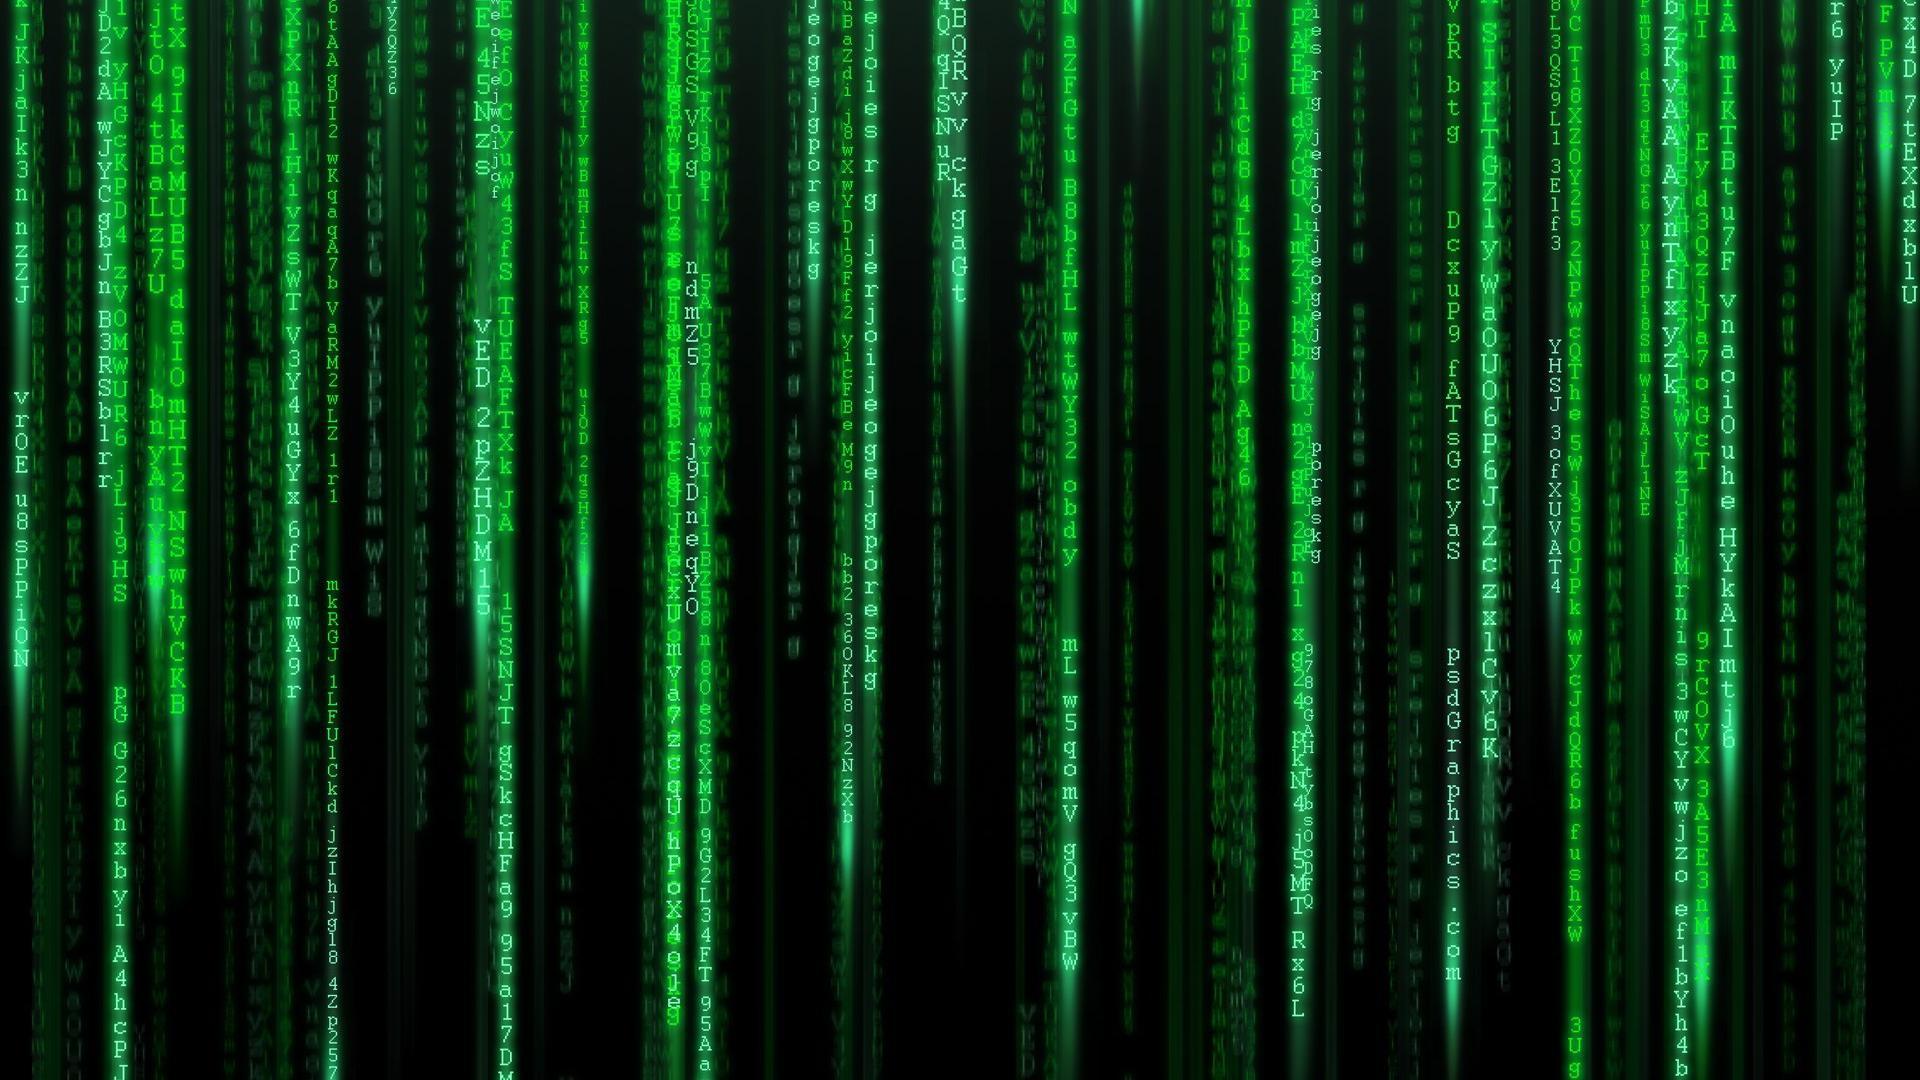 fonds d'écran matrix : tous les wallpapers matrix